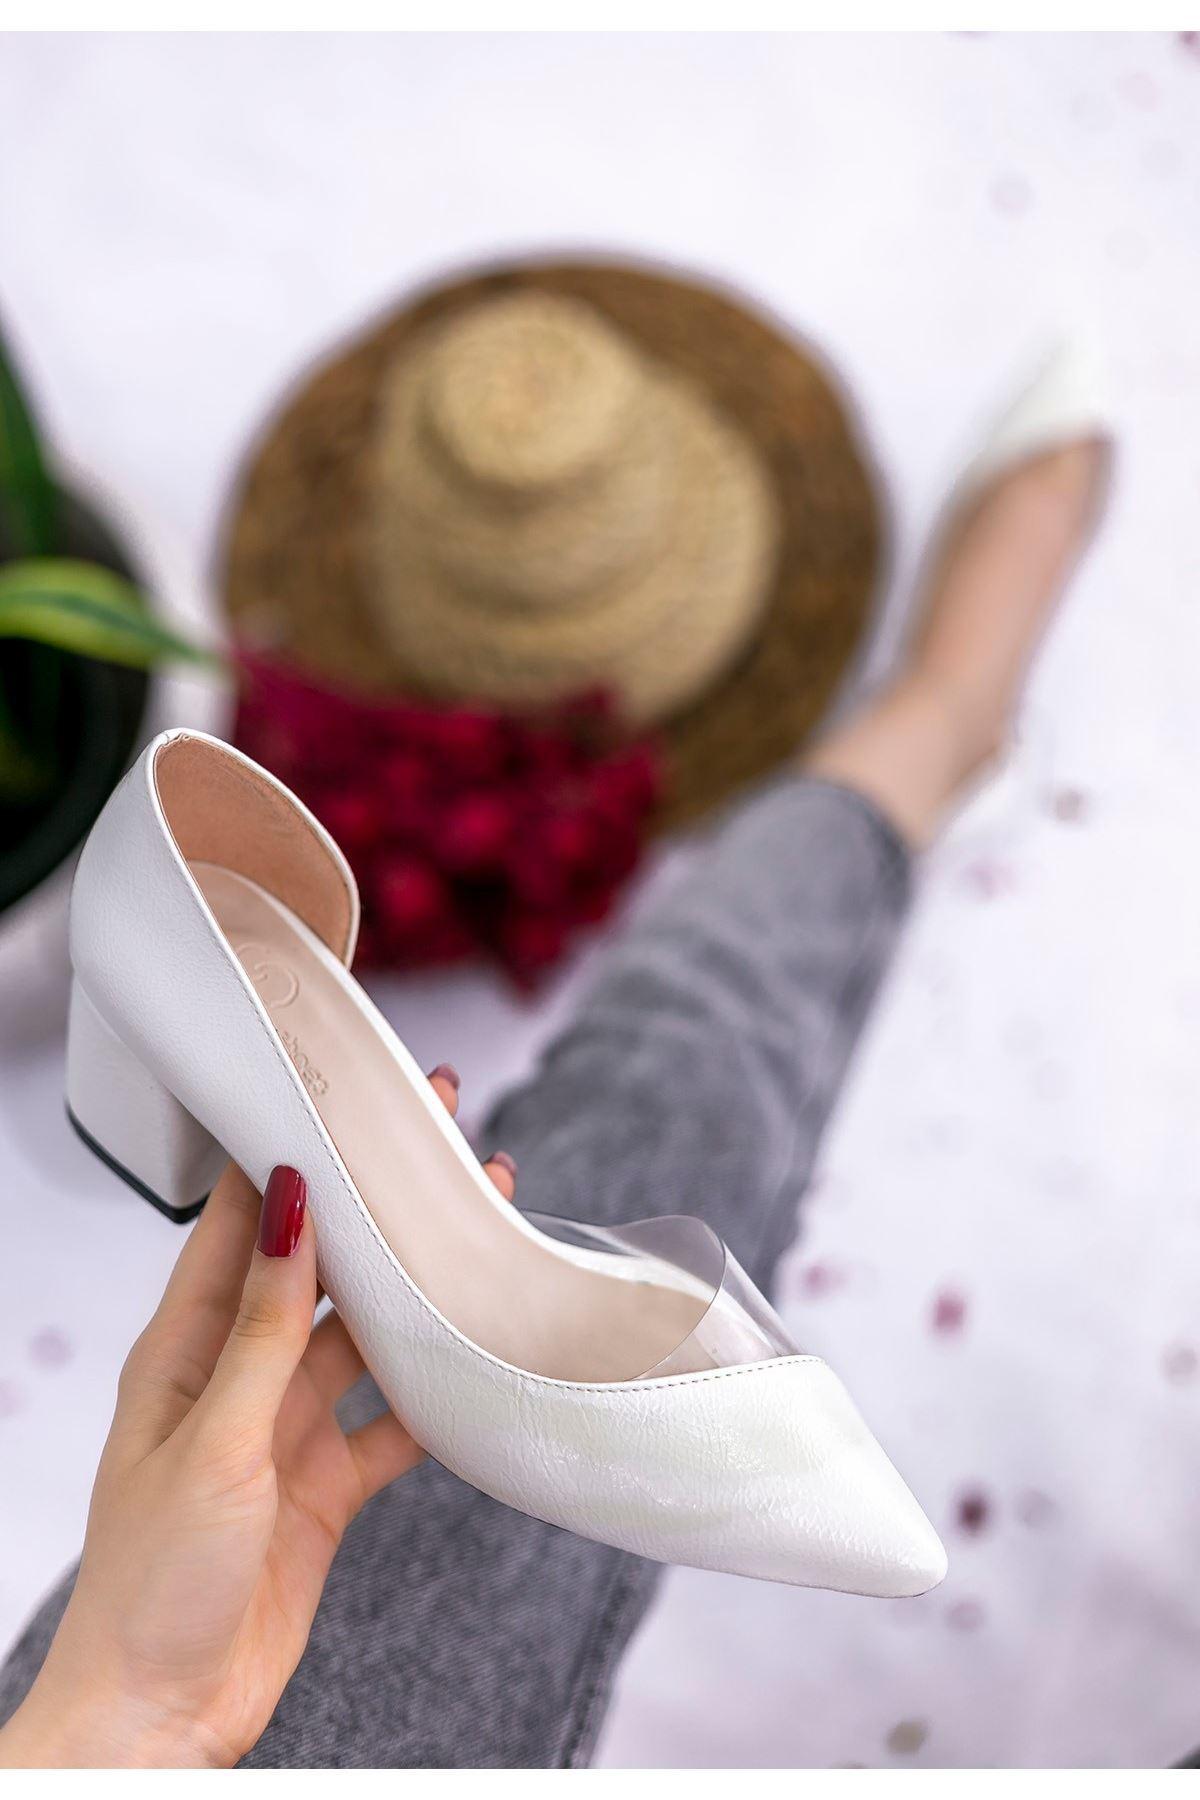 Sibly Beyaz Rugan Desenli Topuklu Ayakkabı